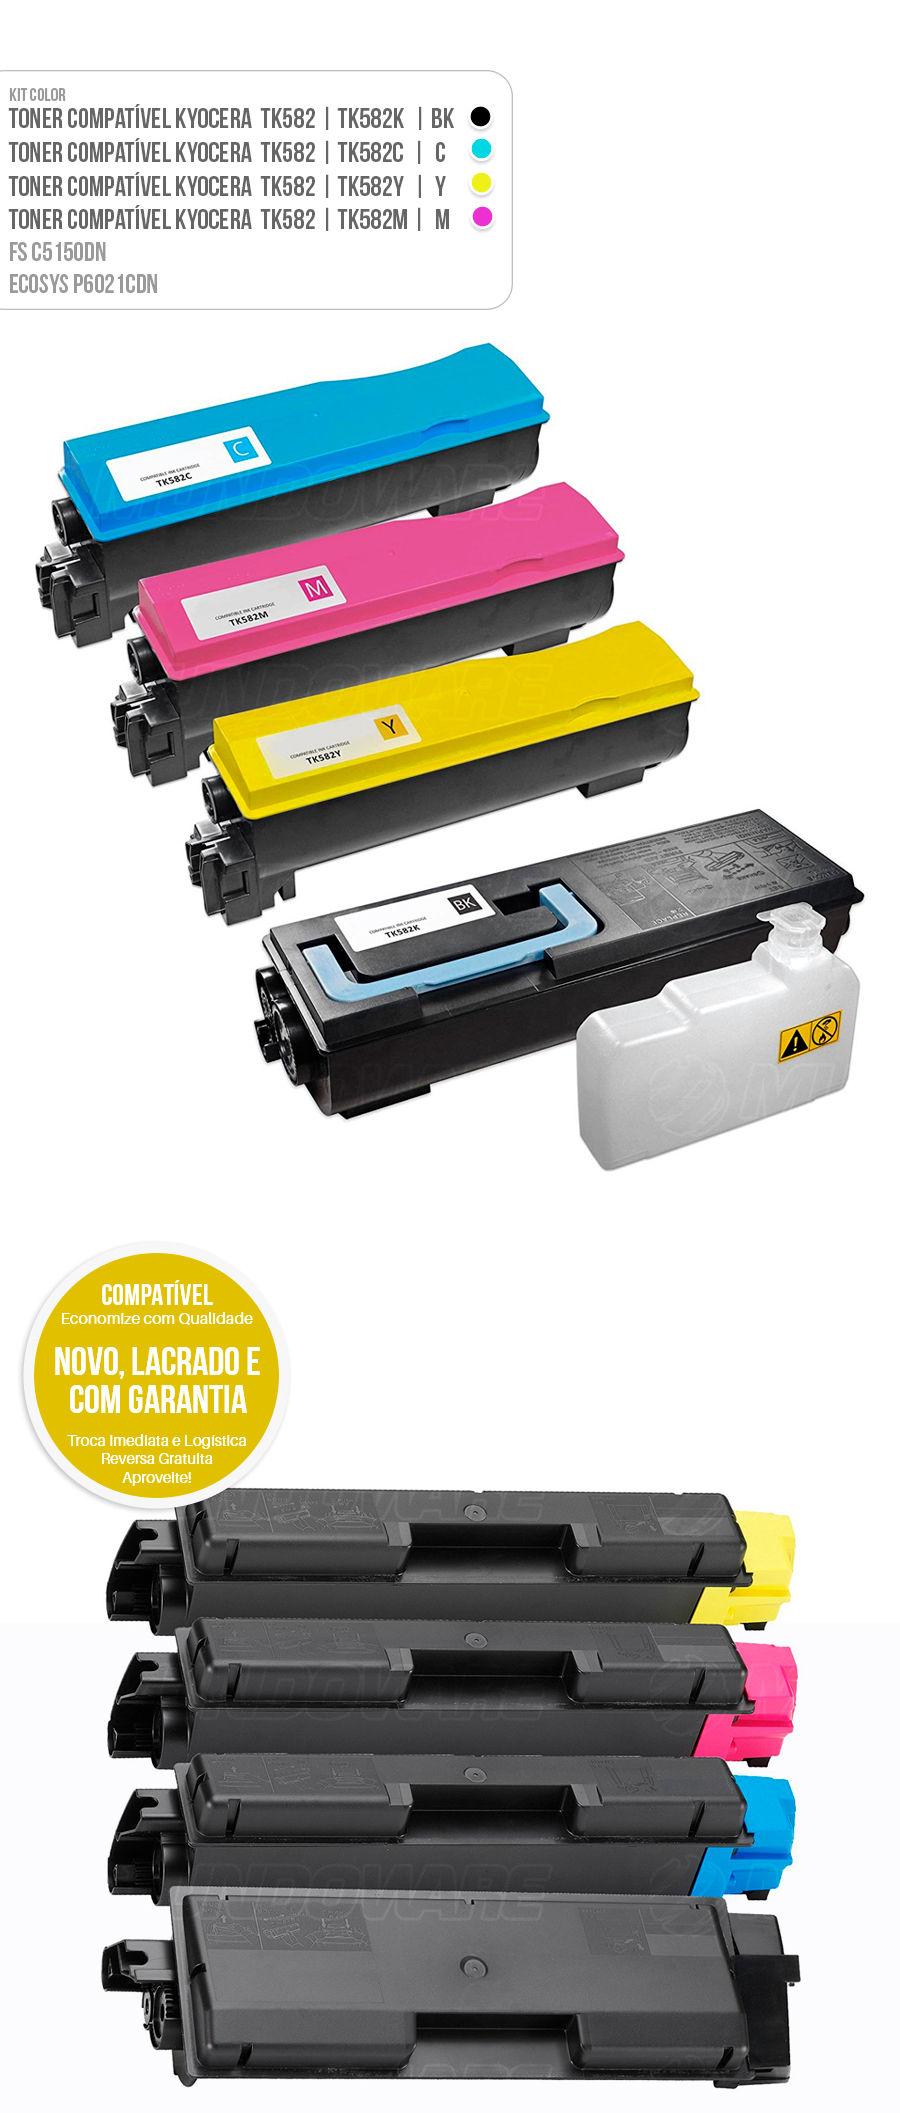 Toner Kyocera FS-C5150DN FS-C5150 FSC5150DN FSC5150 5150DN Ecosys P6021CDN P6021 P-6021CDN P-6021 Tonner Color